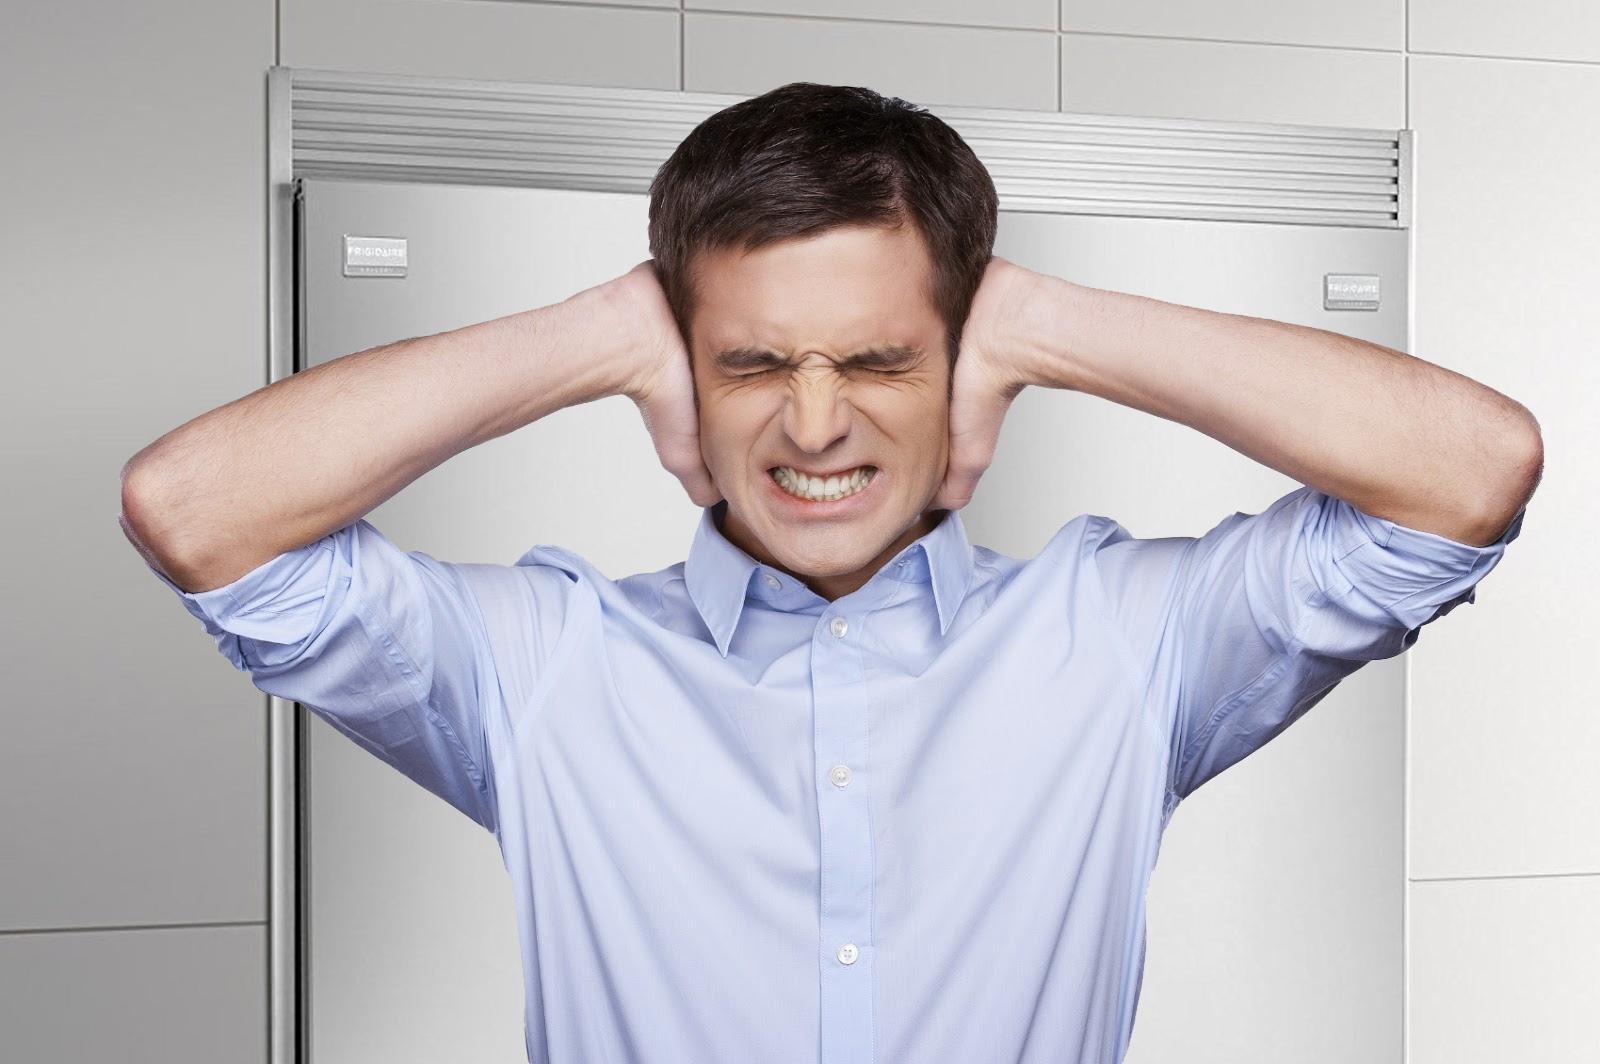 Om klicken är något i rad med pauser mellan dem, kan det prata om spänningsproblem i elnätet eller störningar i elektrochetles, ledningar - du måste kontrollera kontakten, kontakterna, nätverket; Om problemet inte försvinner, och en annan teknik lider av differentieringar i nätverket är det värt att installera en spänningsstabilisator.